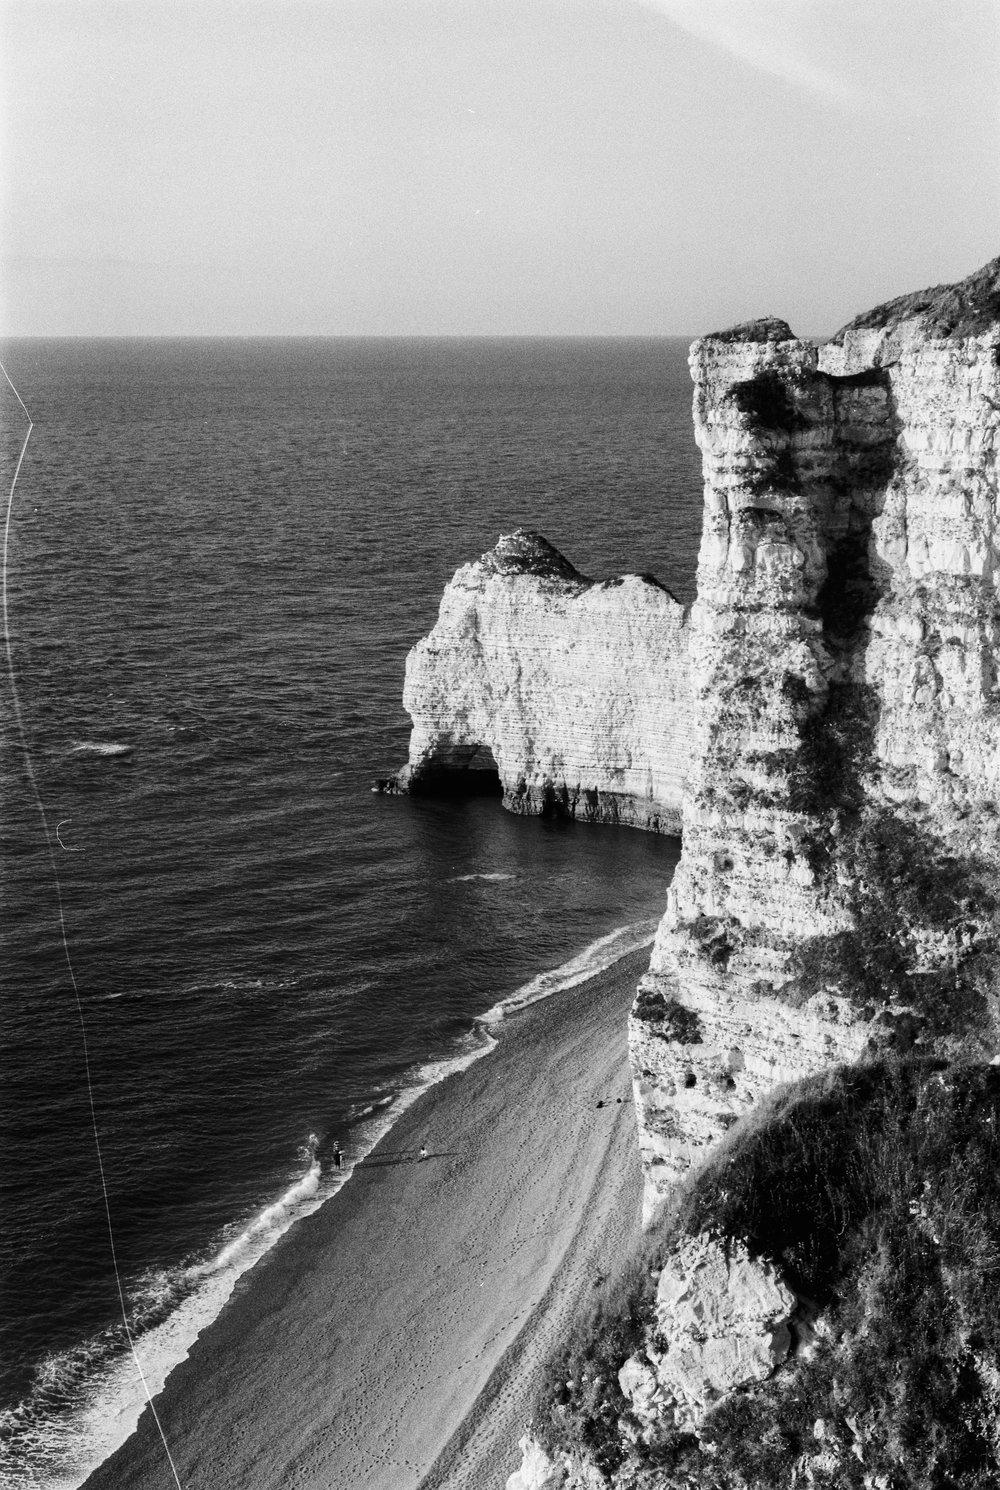 TaraShupe_NormandyFrance_MinoltaFilm_Vintage_018.jpg